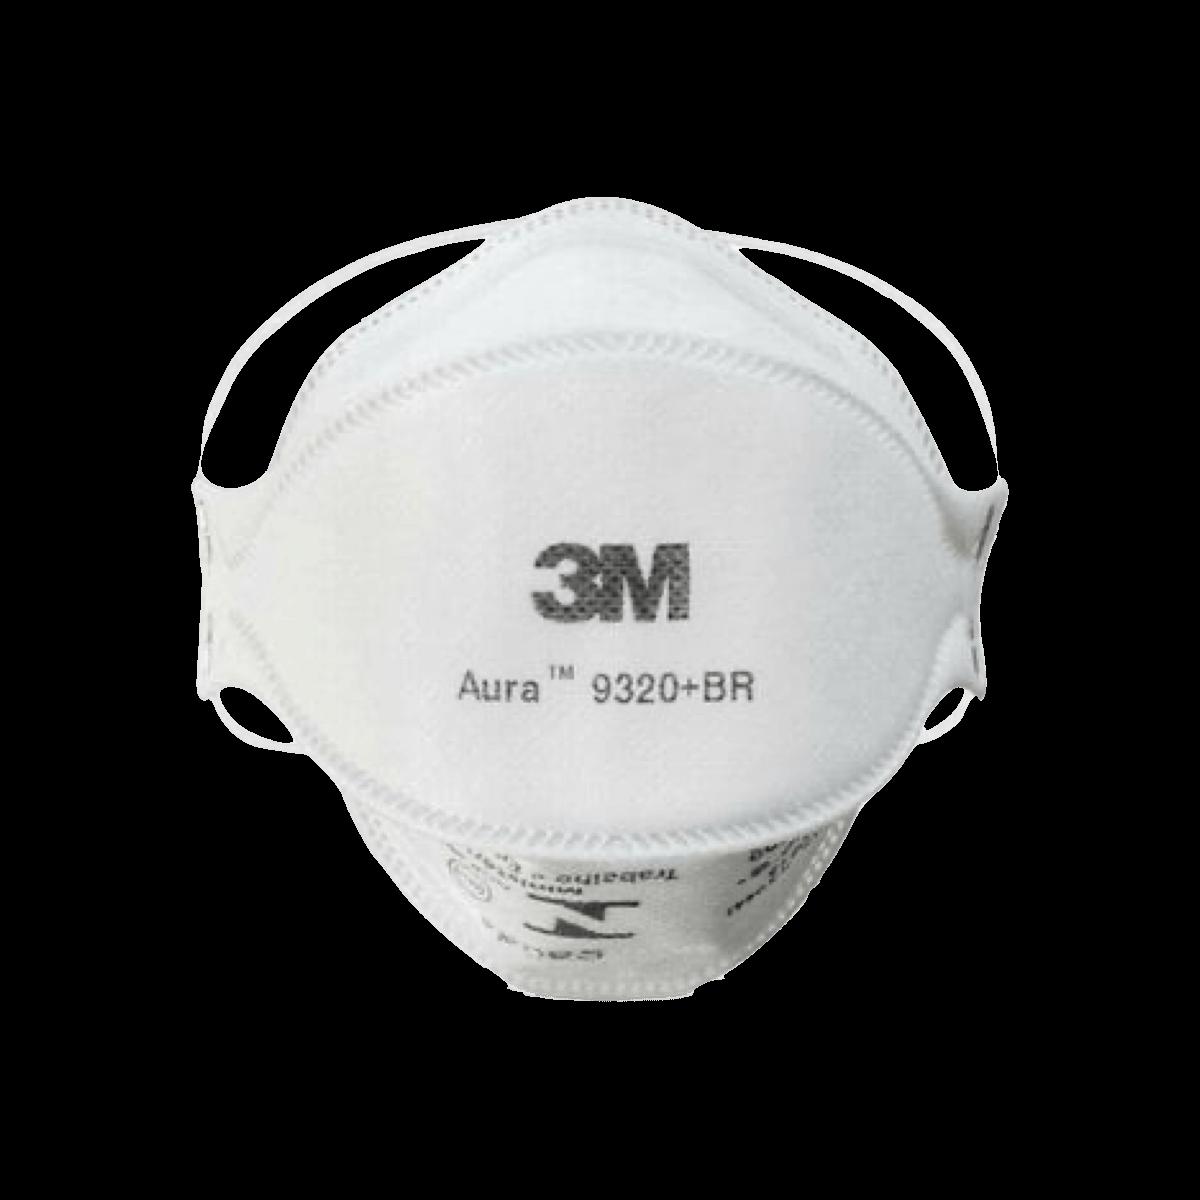 Máscara Proteção Respirador Aura Pff2S 9320 + BR 3M